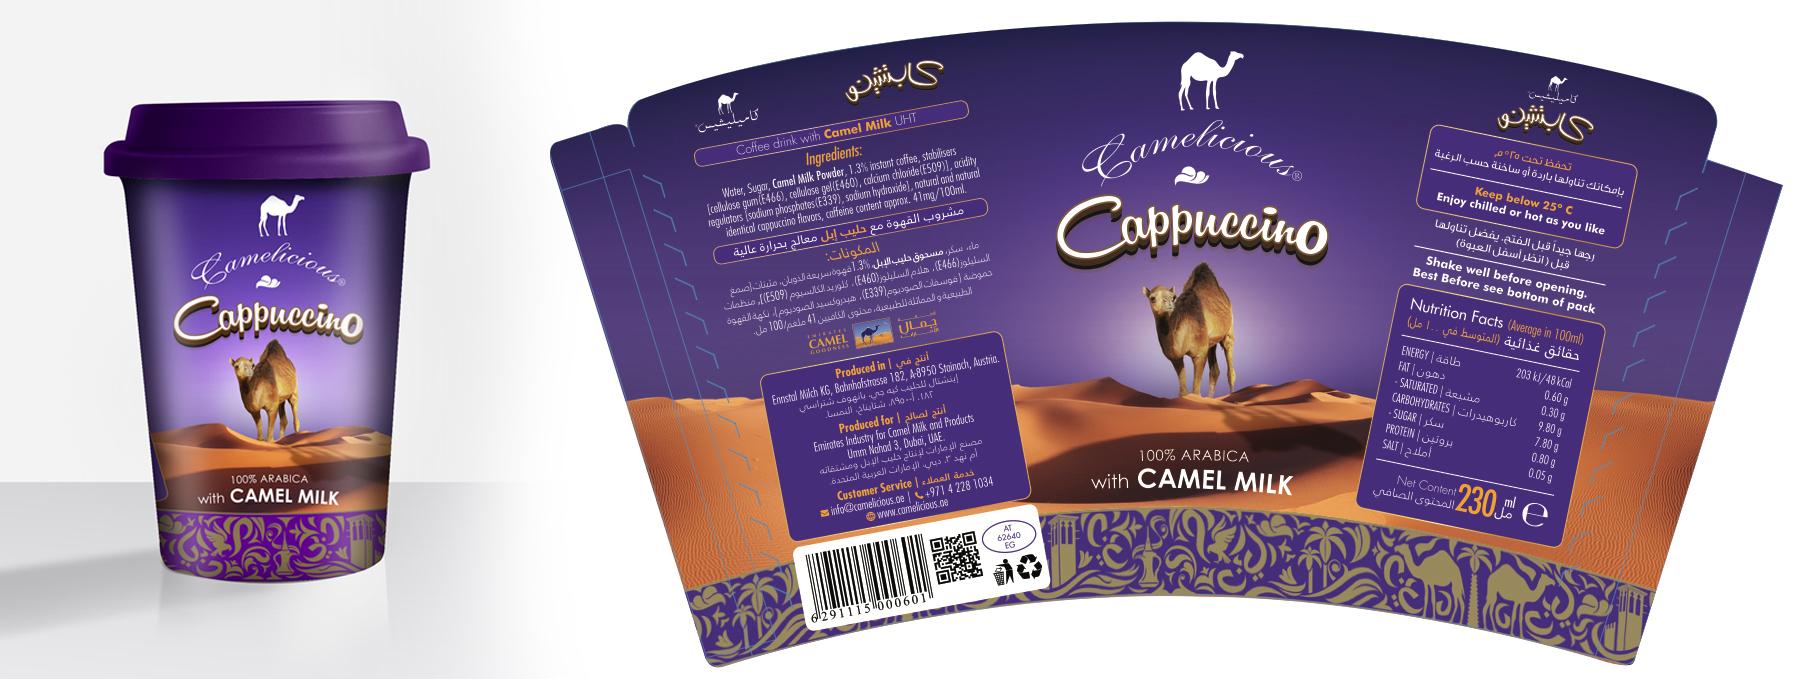 adin-camel8